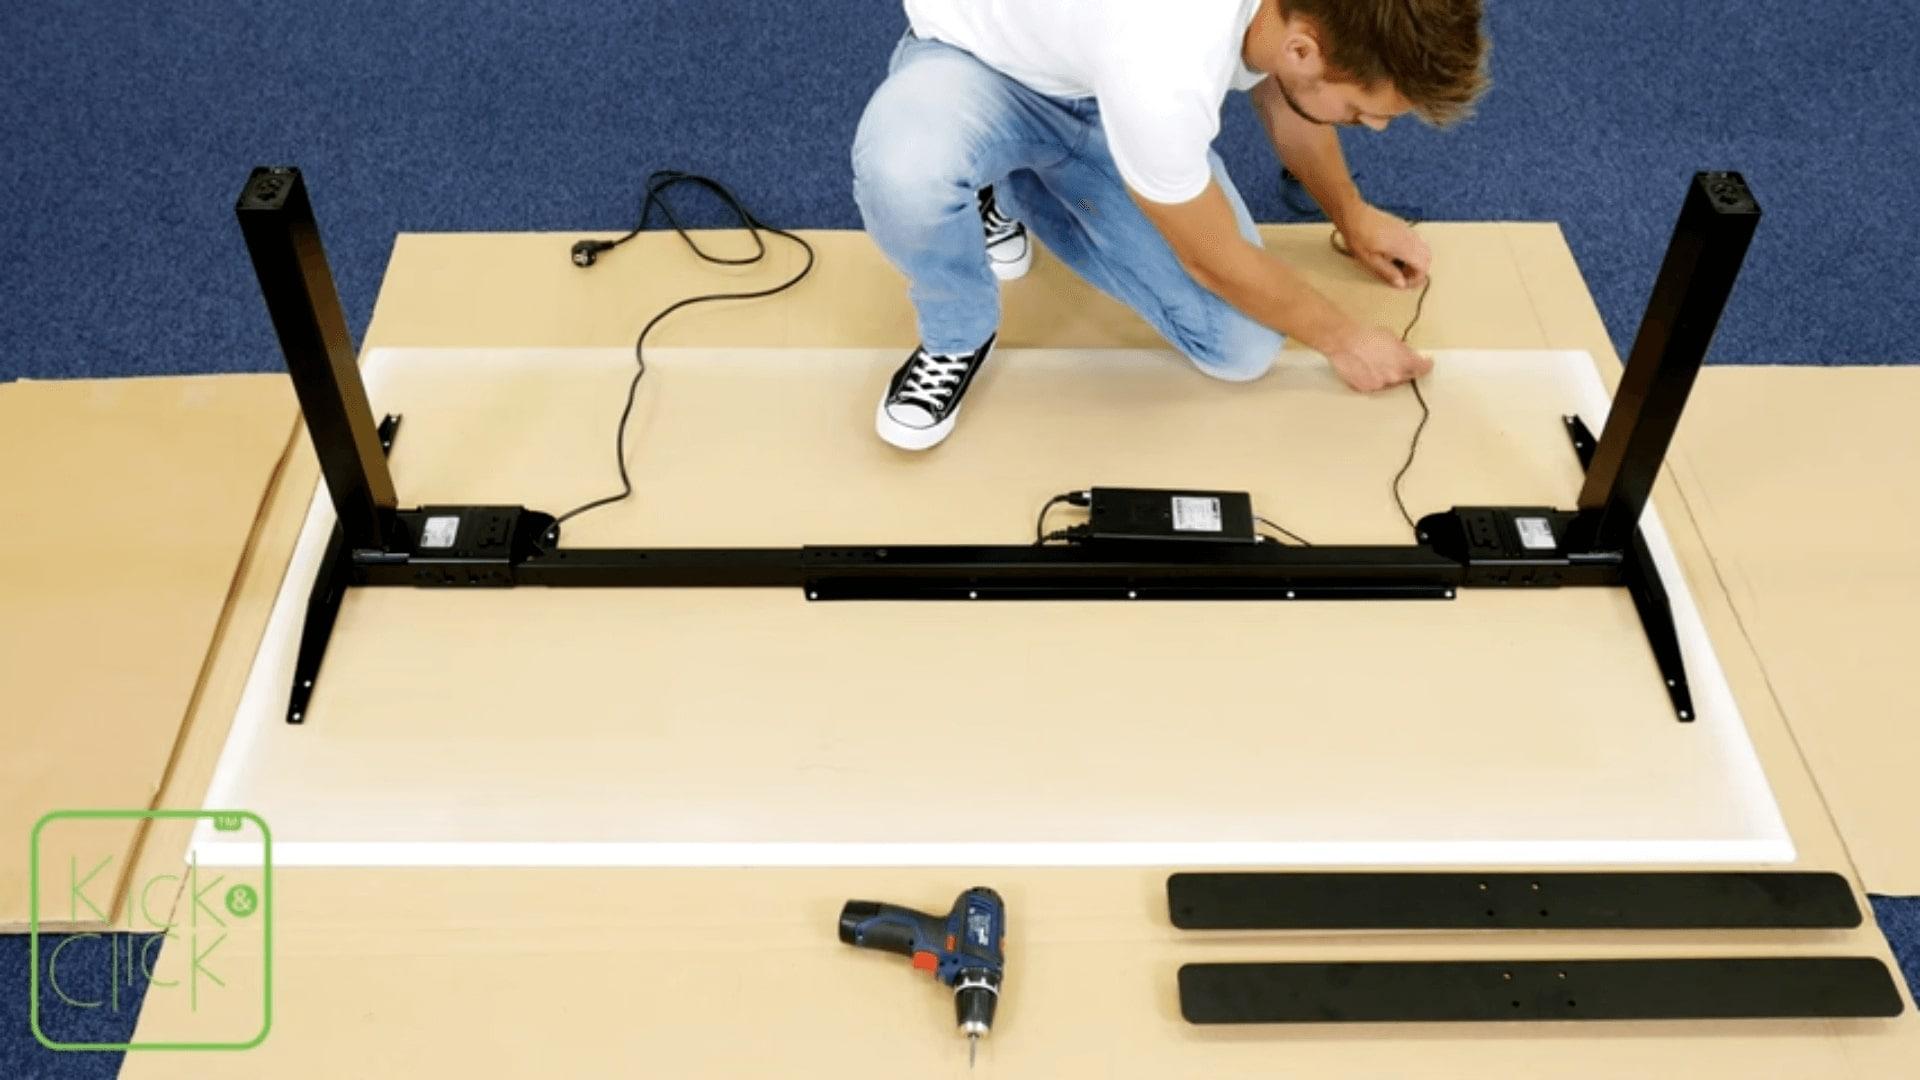 Kick & Click de LINAK - Cómo desmantelar fácilmente un escritorio de oficina